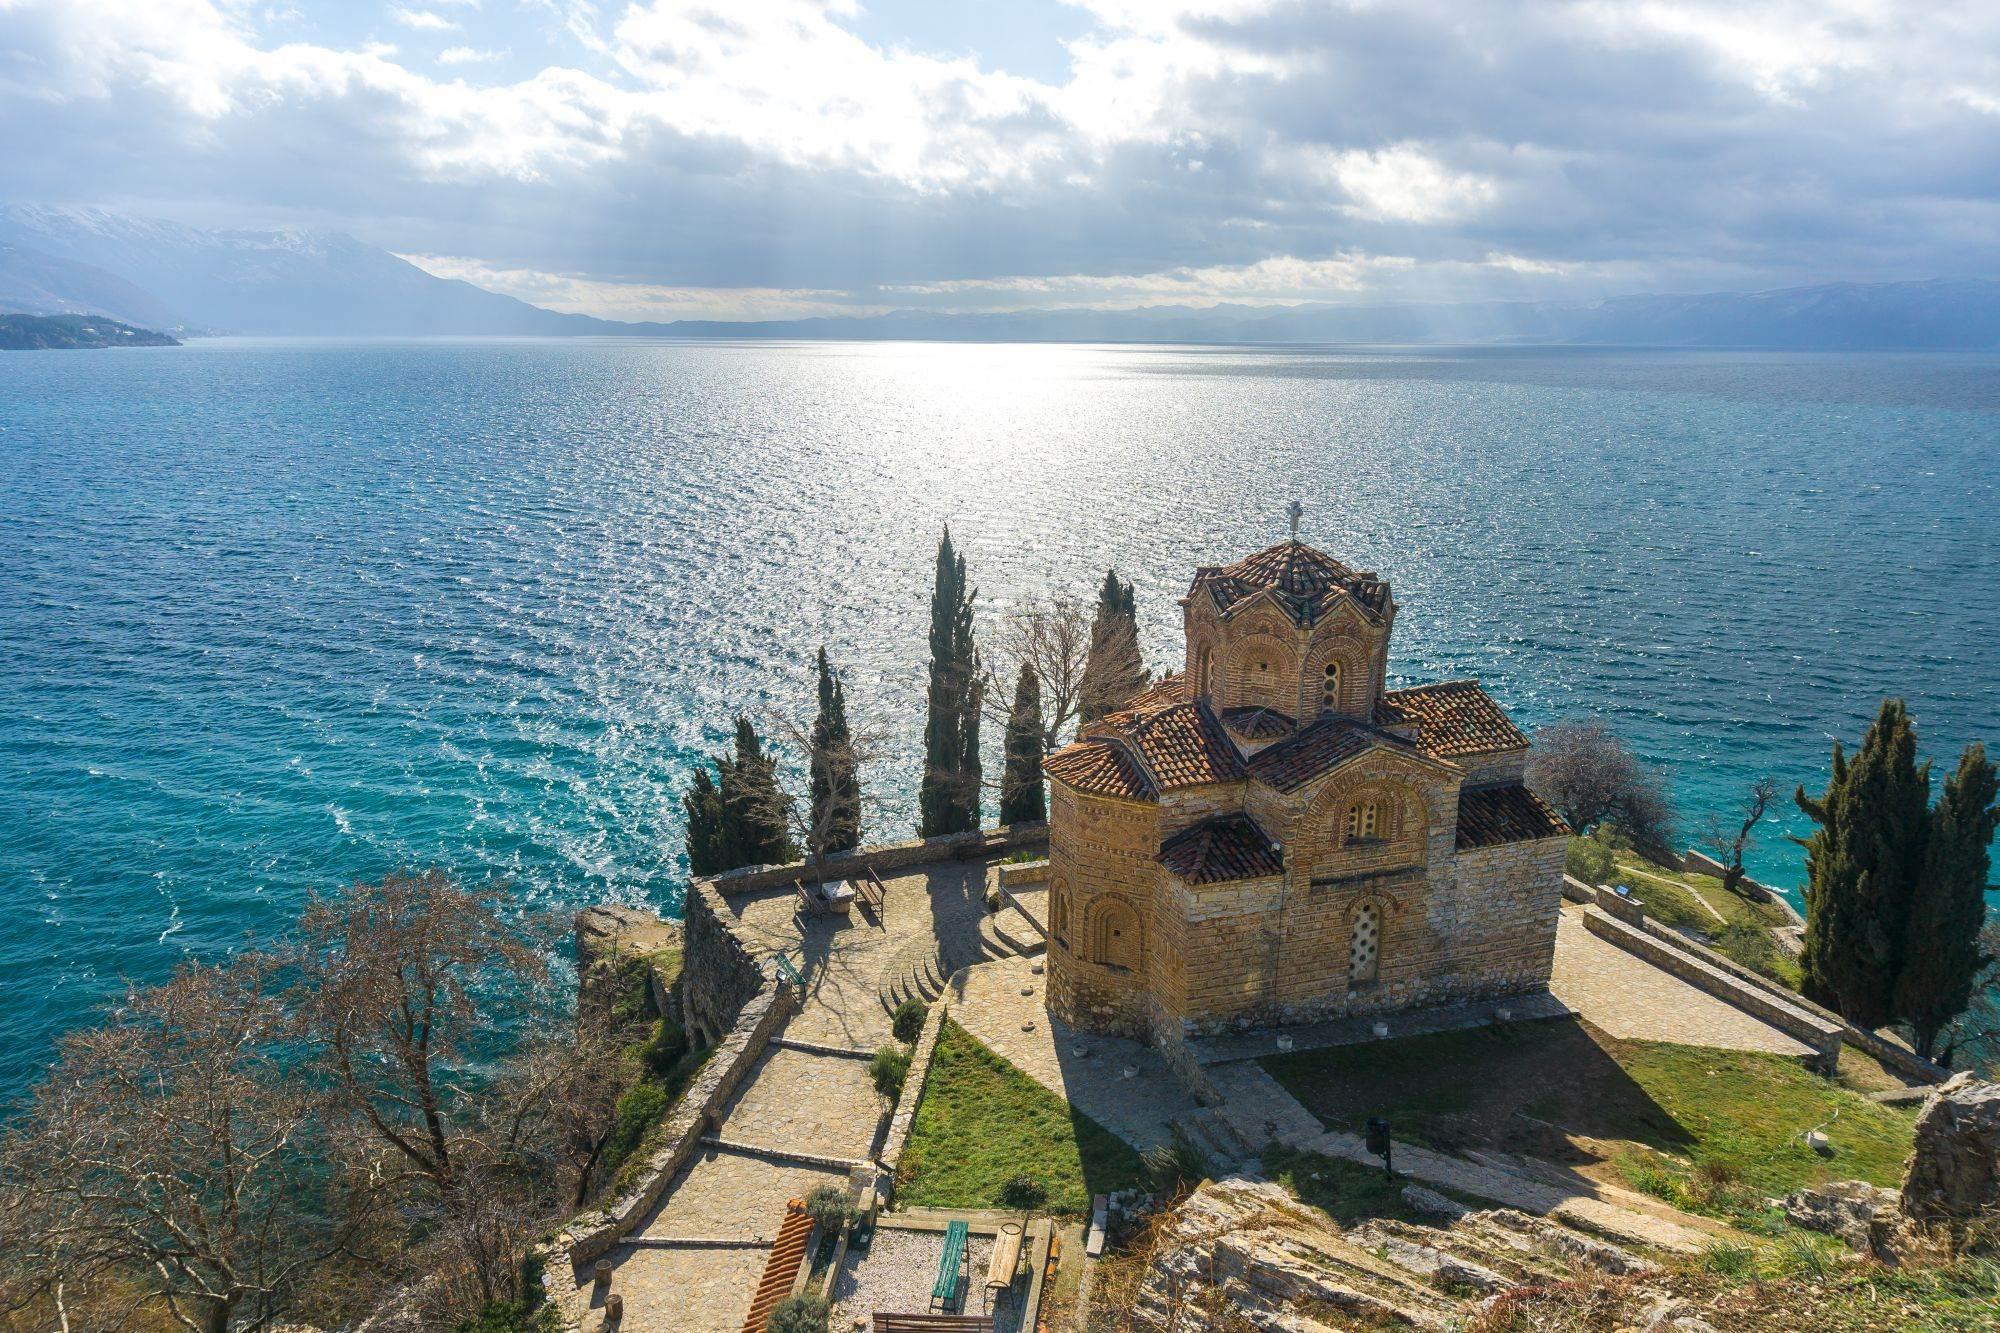 Crkva Svetog Jovana, poznatija kao Kaneo, Ohrid